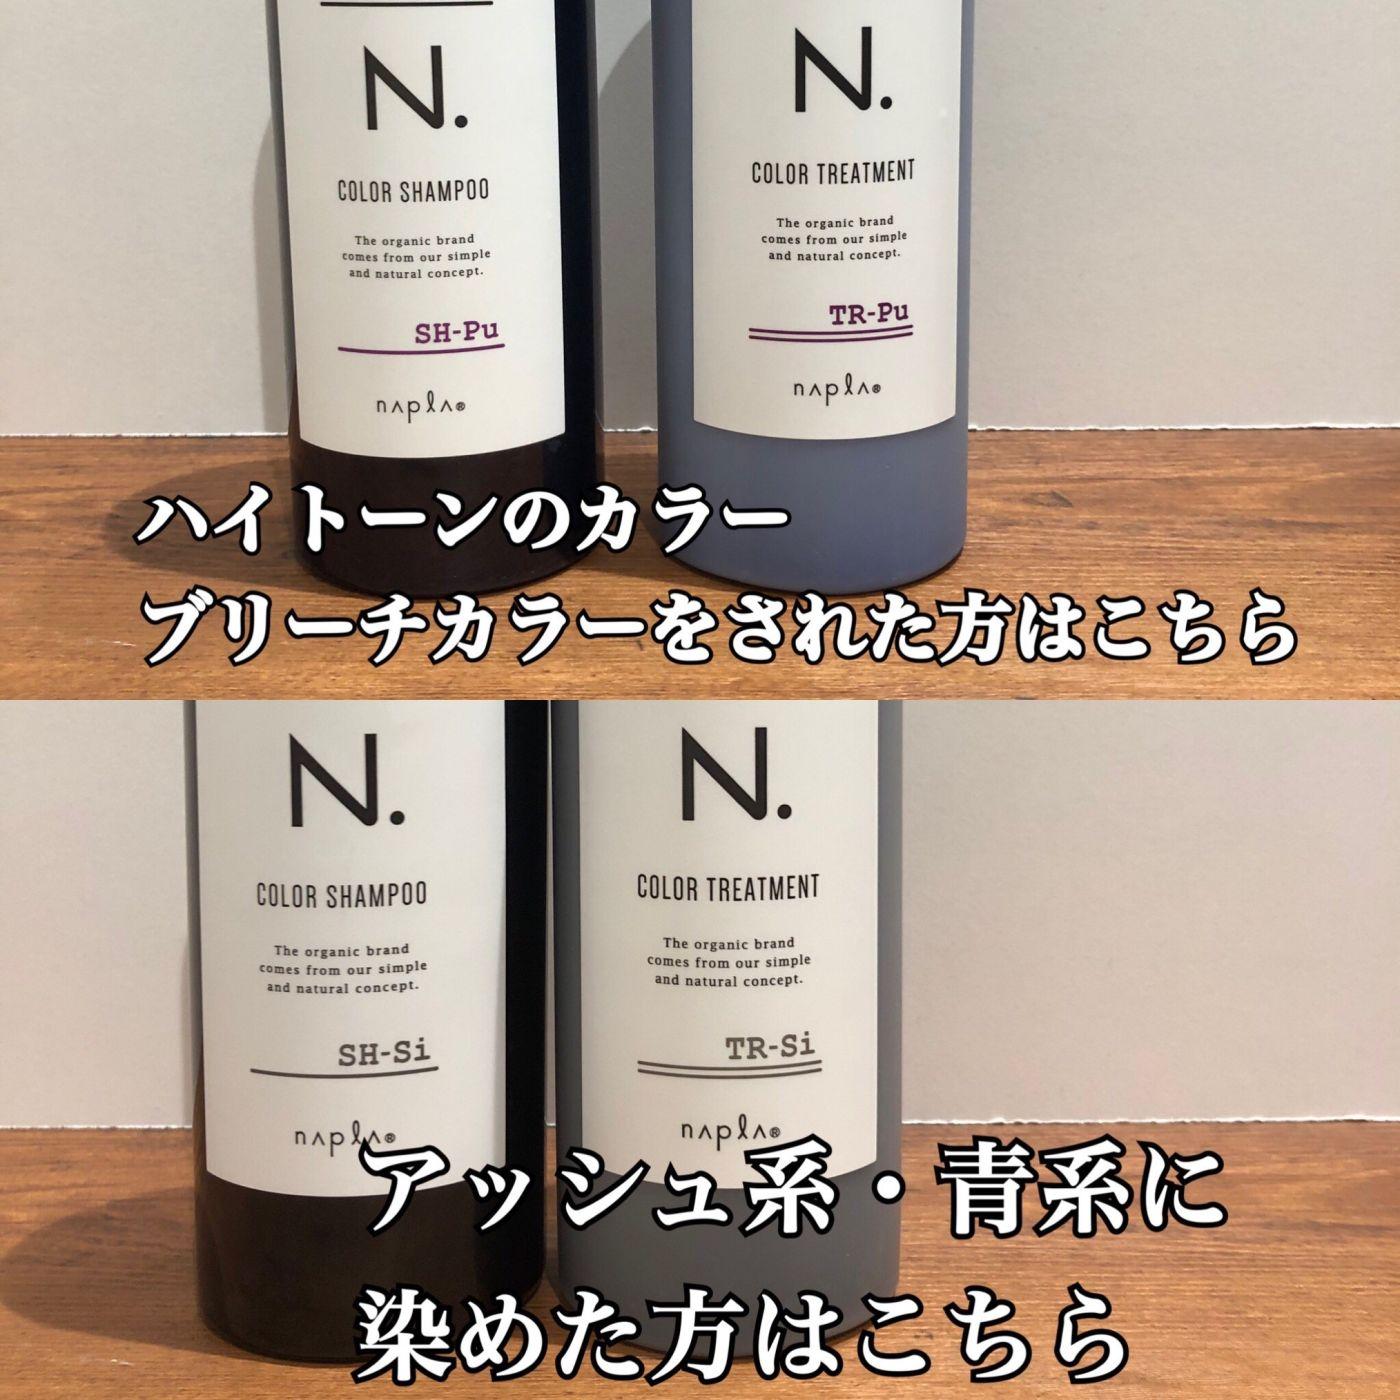 N.シリーズのカラーシャンプーがおススメ☆